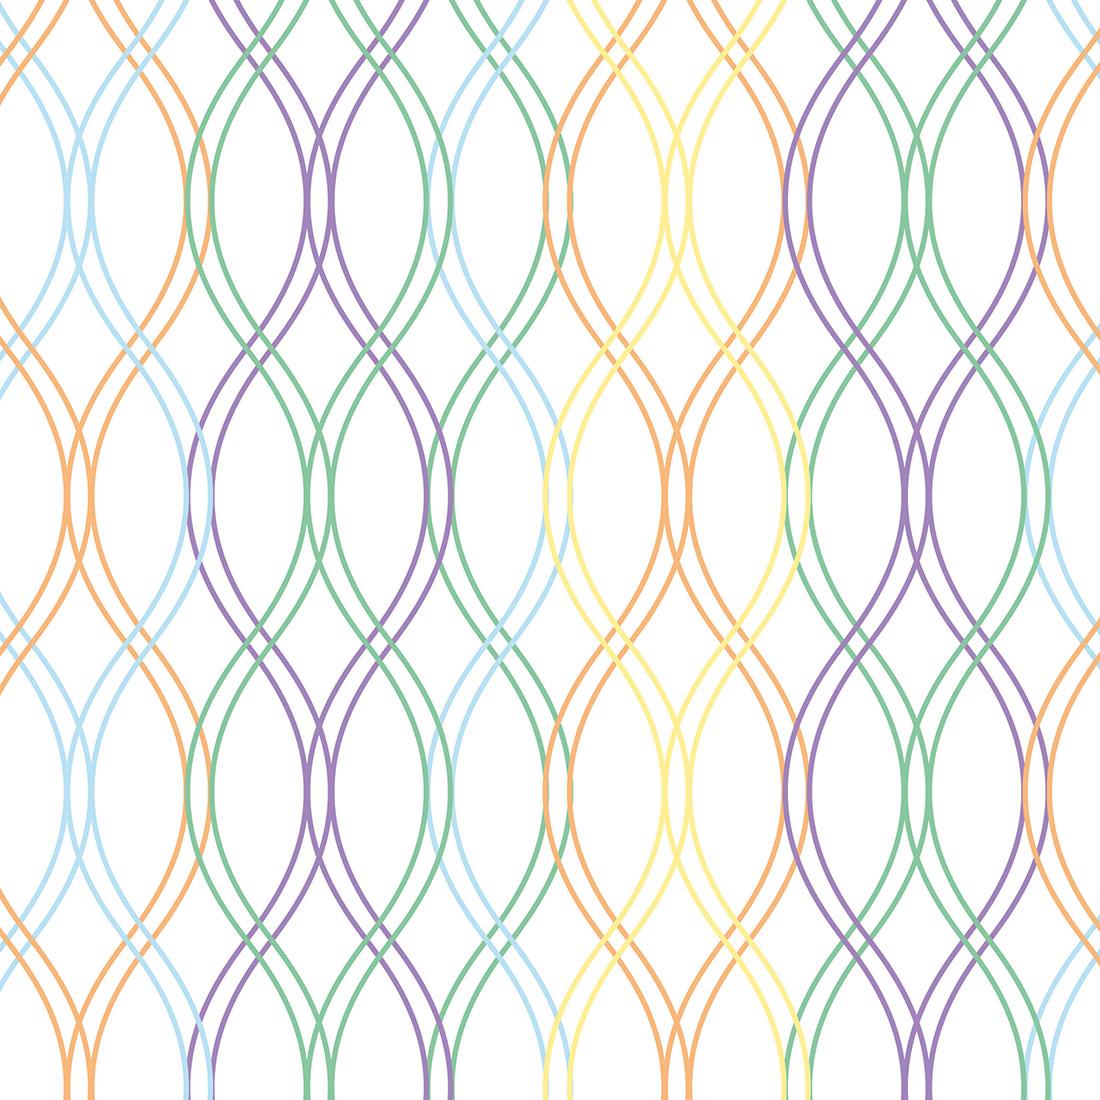 Papel de Parede Geométrico Correntes Coloridas